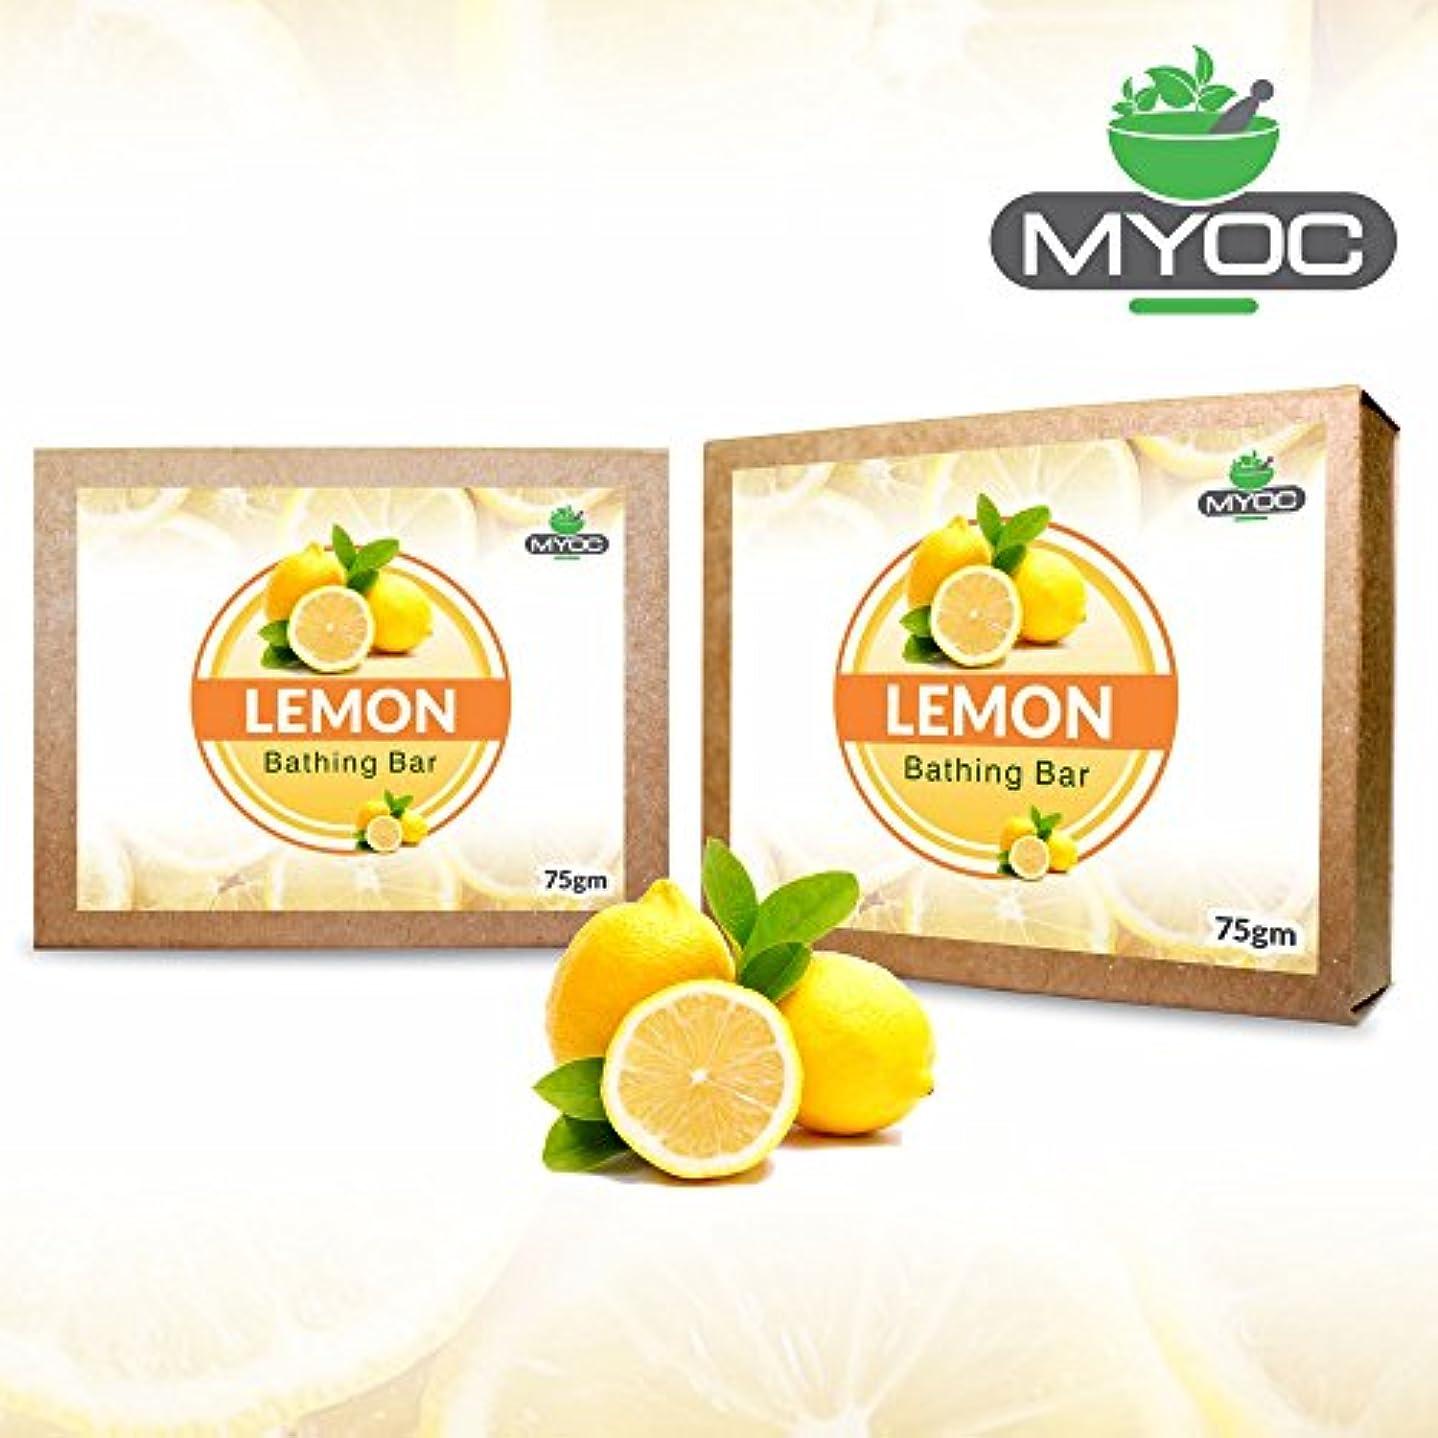 欲しいですチャンバーヘッジLemon Oil And Vitamin E Astringent Soap, deodorant, antiseptic soap for clogged pores and acne prone skin 75g x 2 Pack